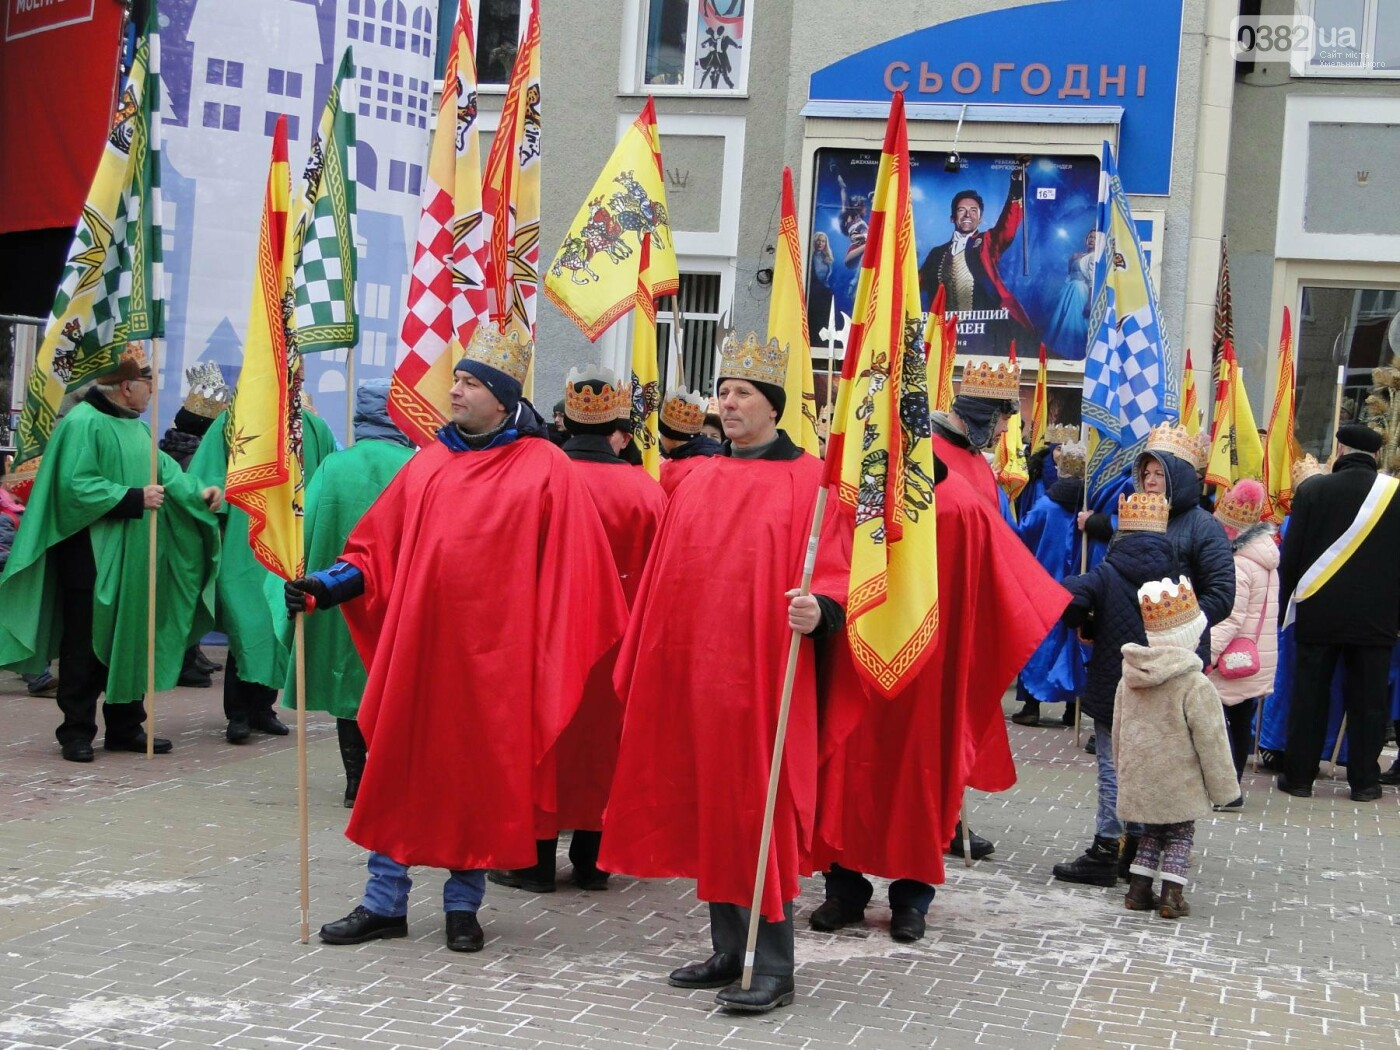 Хмельницьким пройшла святкова хода «Трьох Царів». ФОТО, фото-3